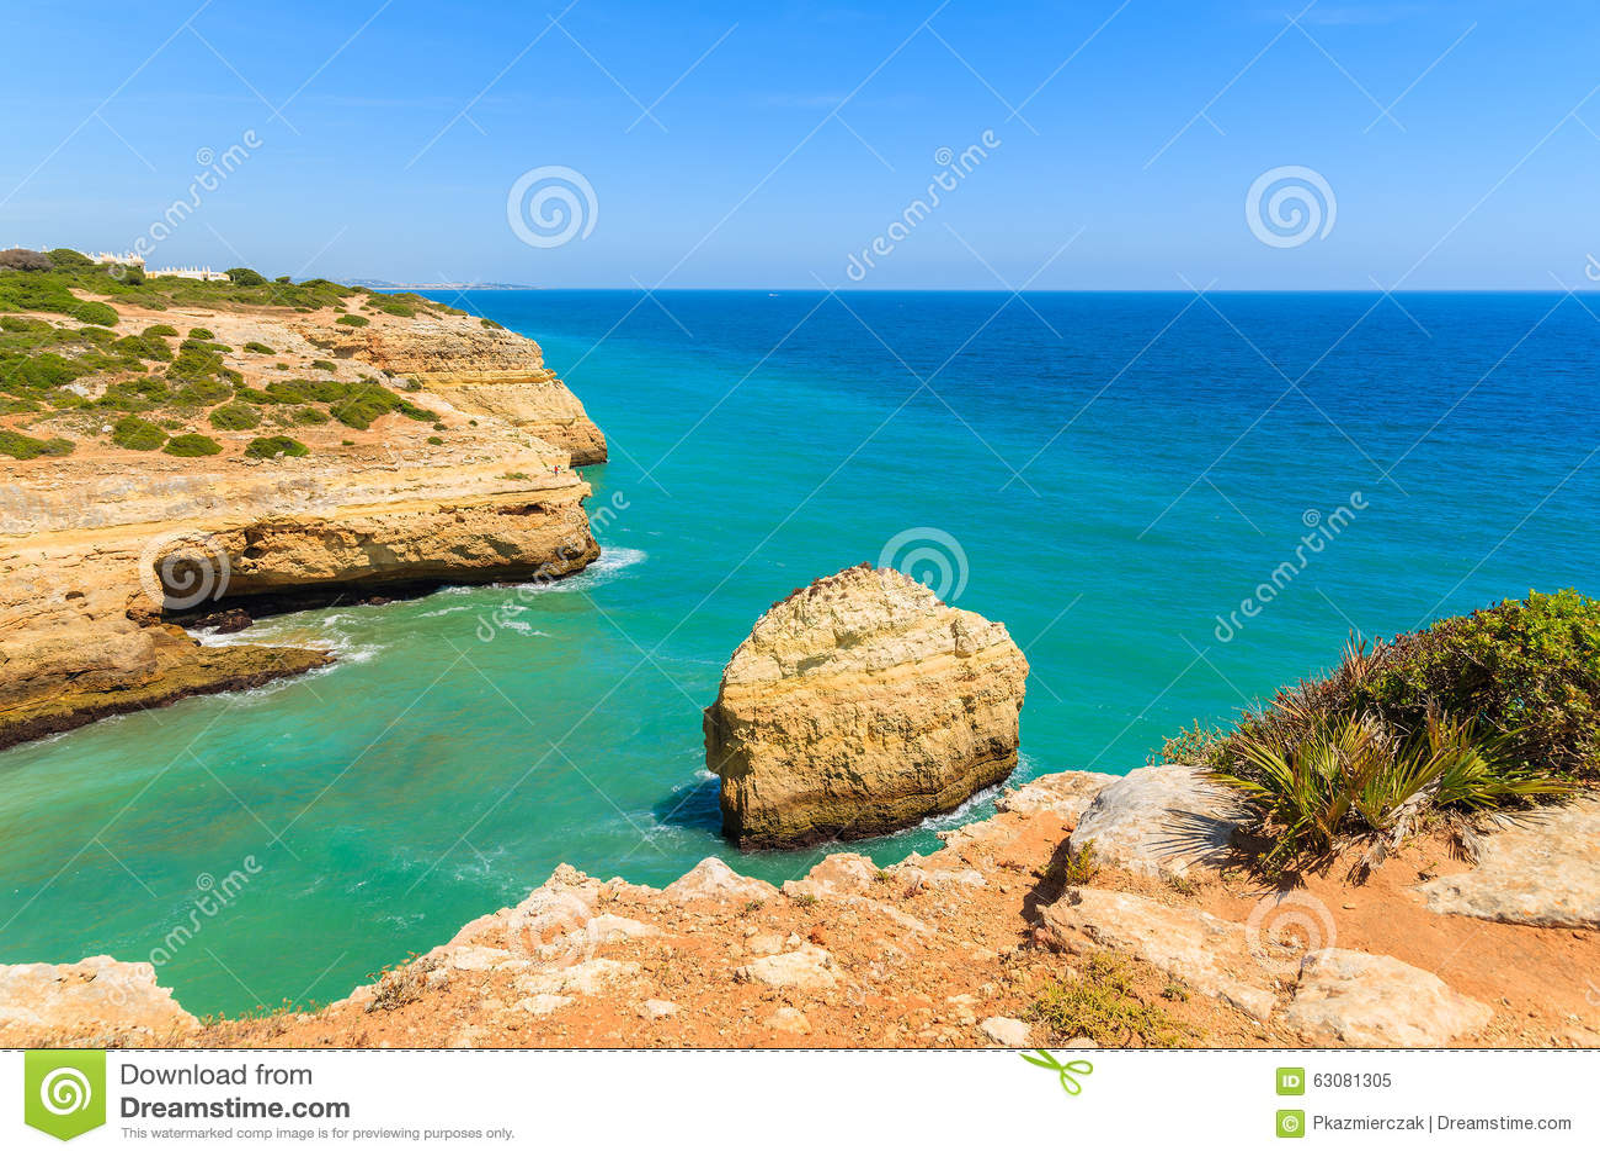 Download Roches De Mer Et De Falaise De Turquoise Image stock - Image du couleur, lagos: 63081305